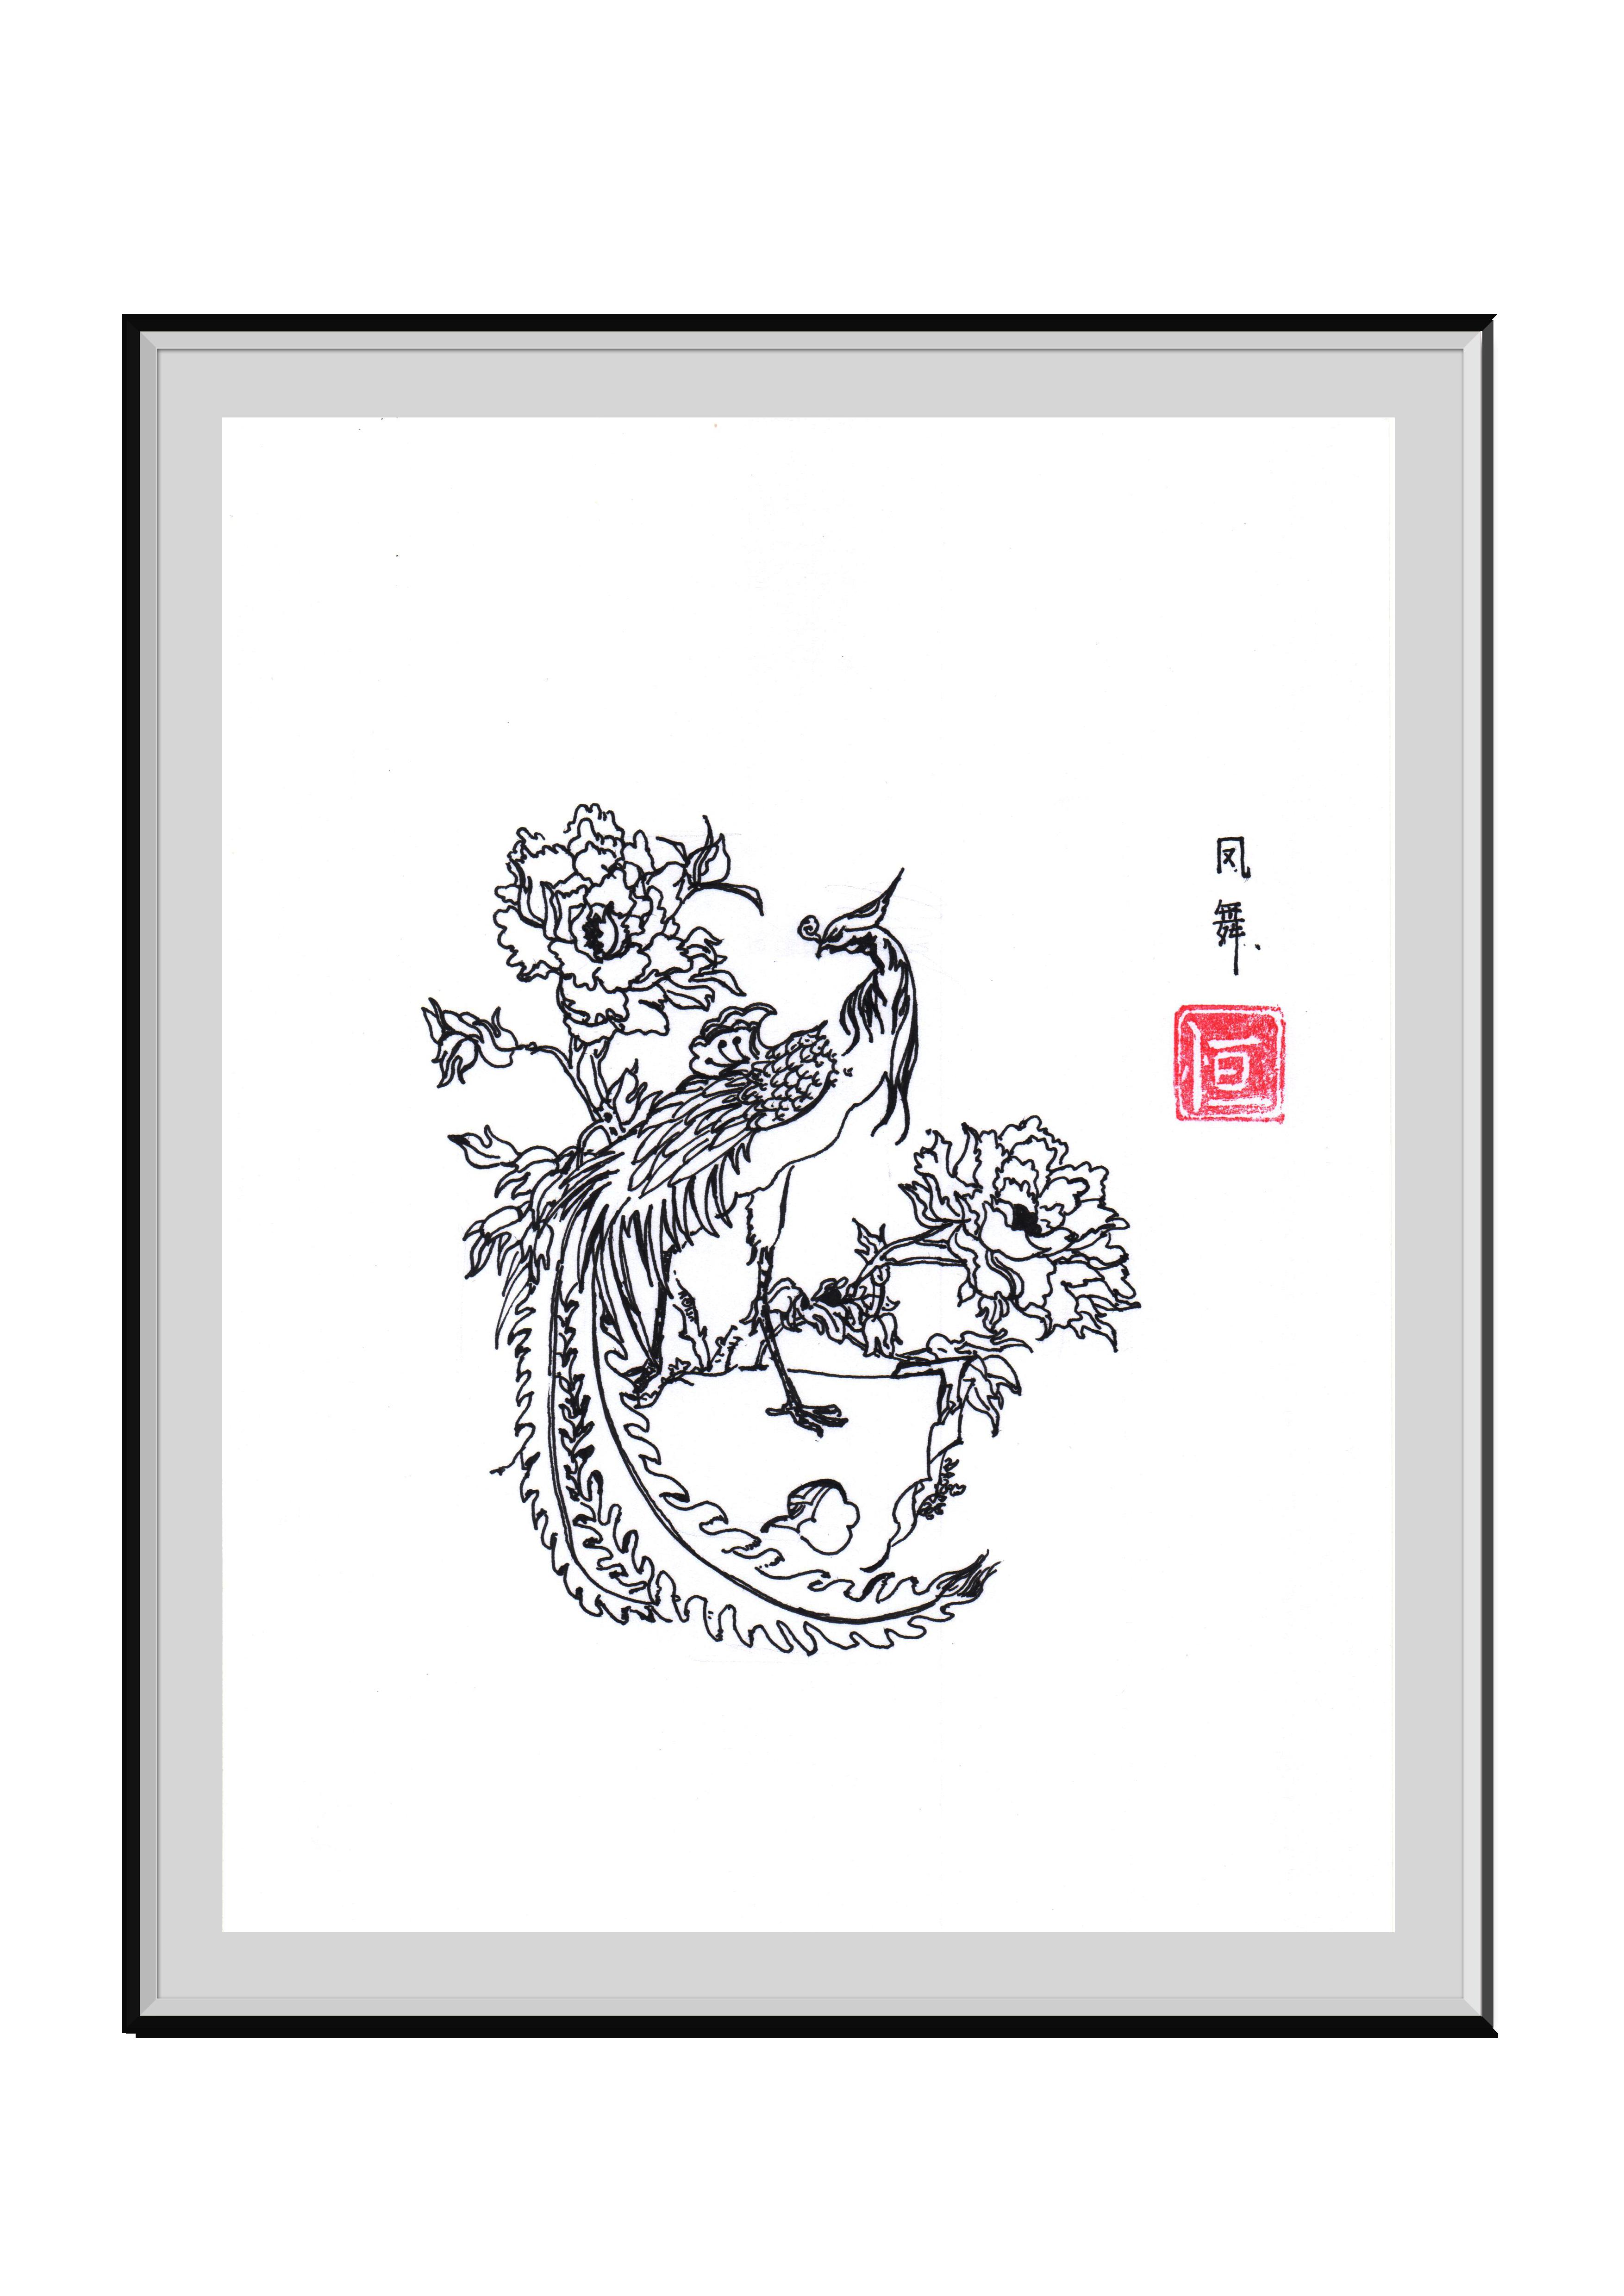 传统纹样手绘练习|平面|图案|ls般若 - 原创作品